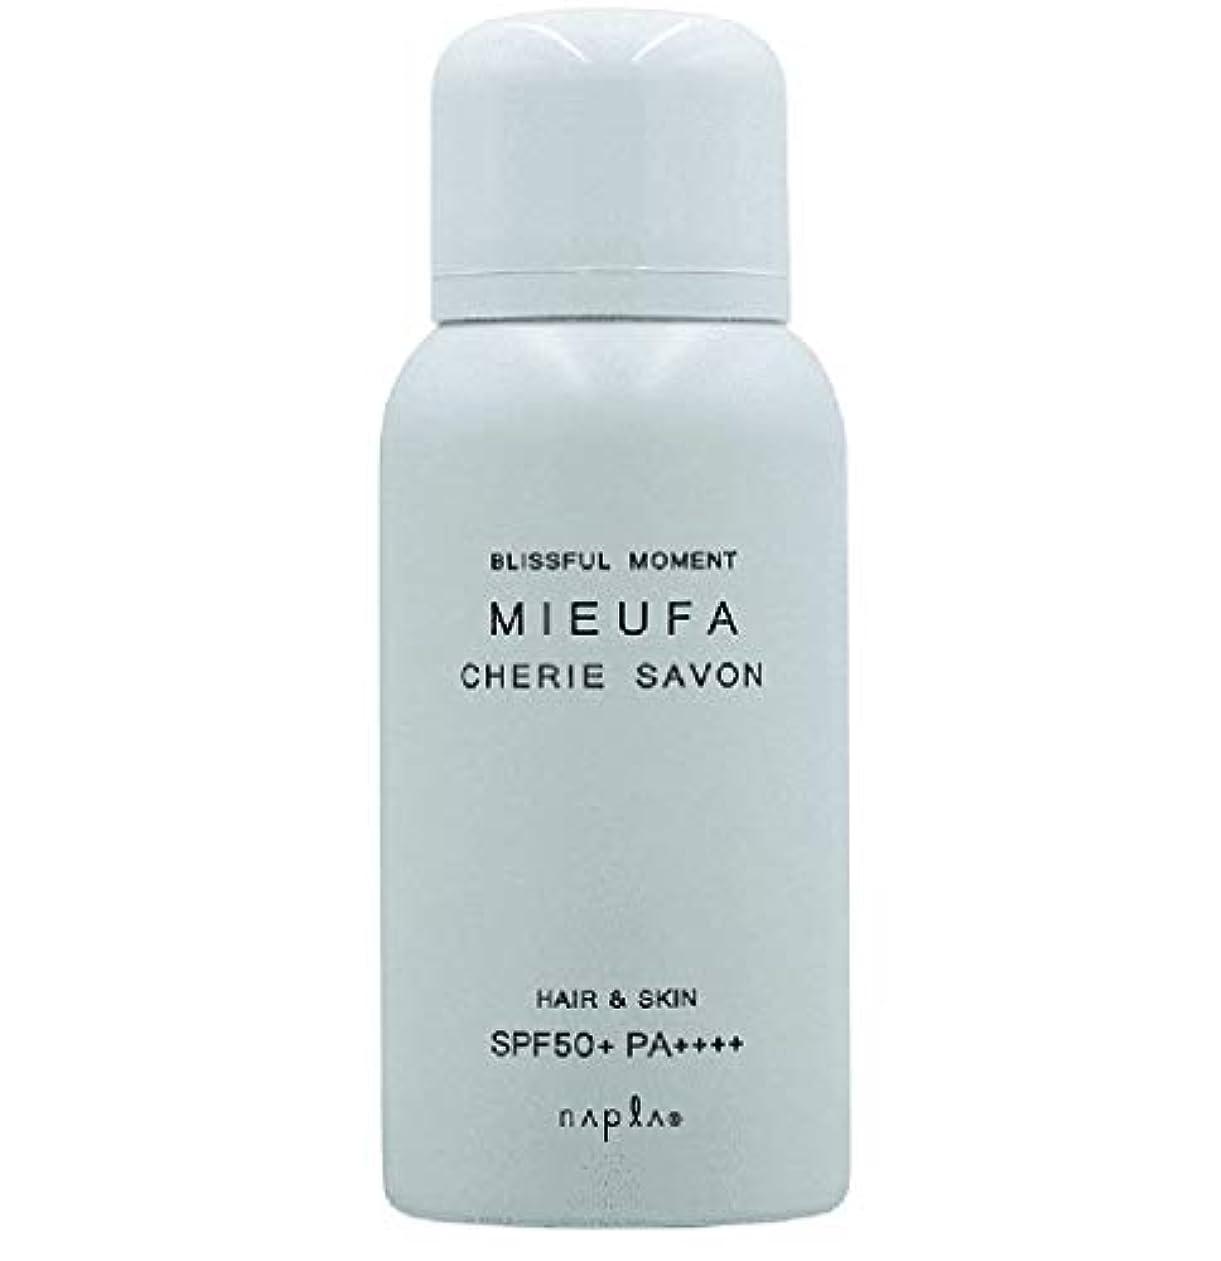 インディカ花瓶信仰【ナプラ】ミーファ フレグランスUVスプレー シェリーサボン 80g